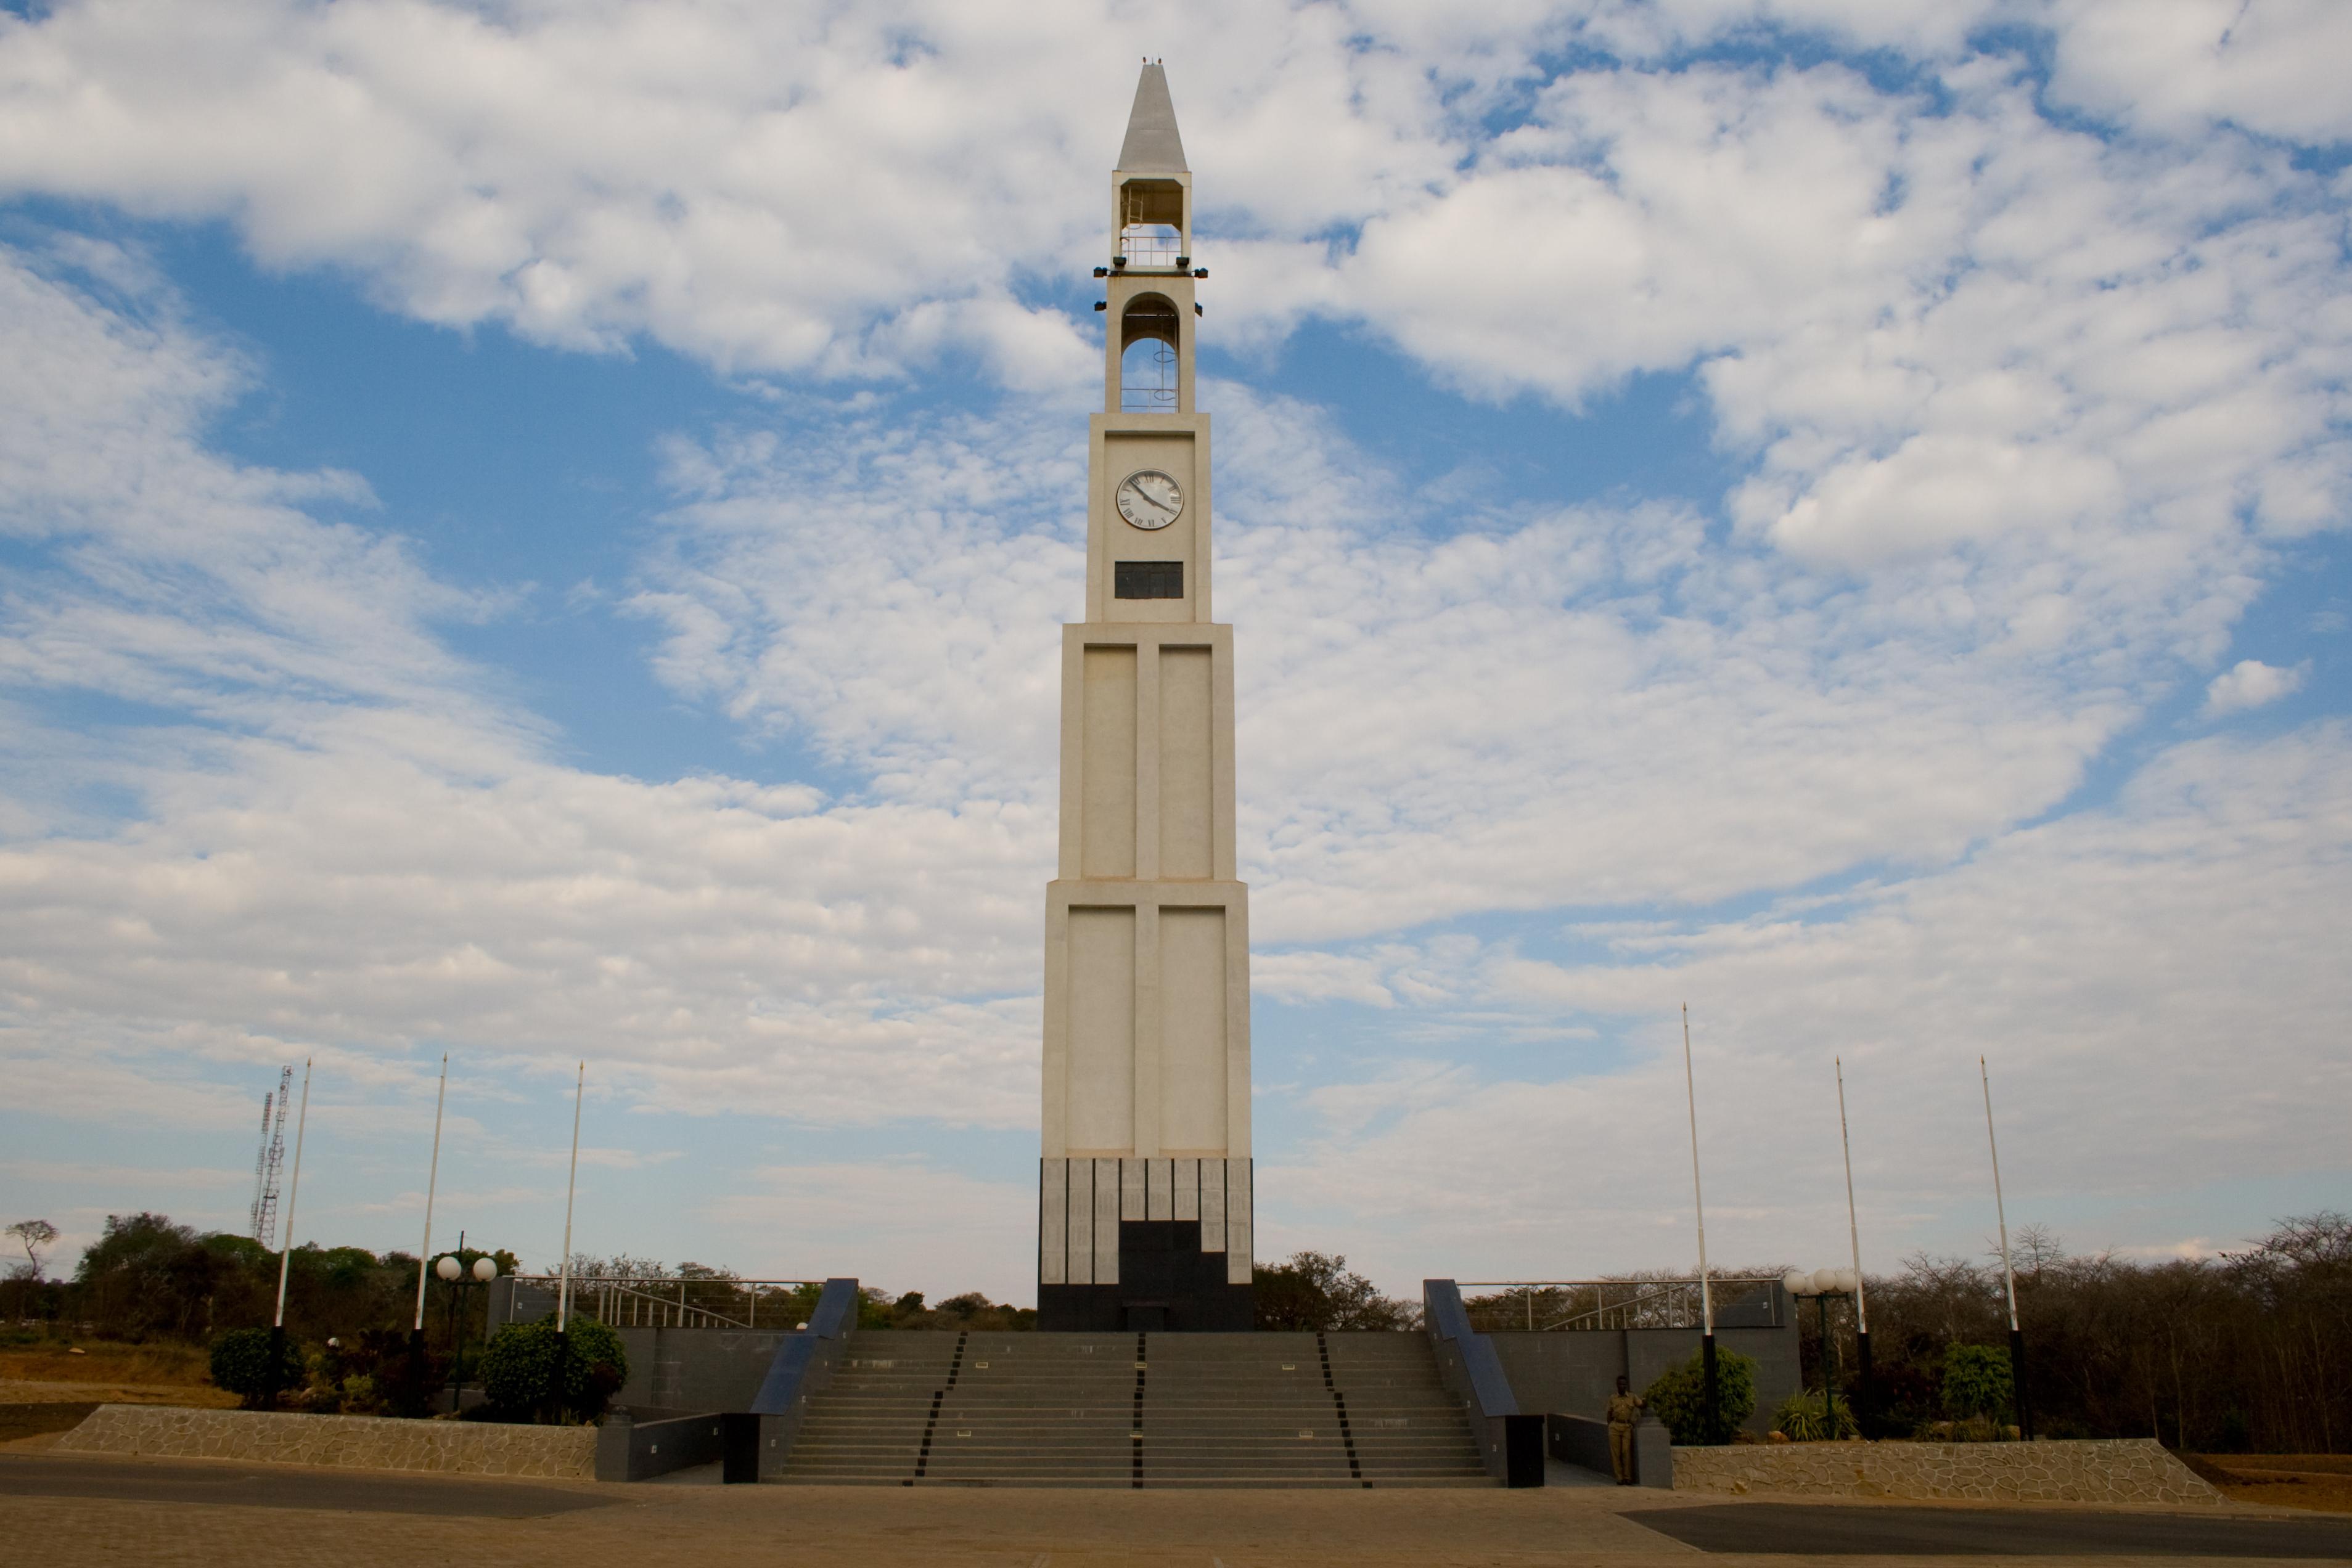 k.a.r-.clocktower-in-lilongwe.jpg